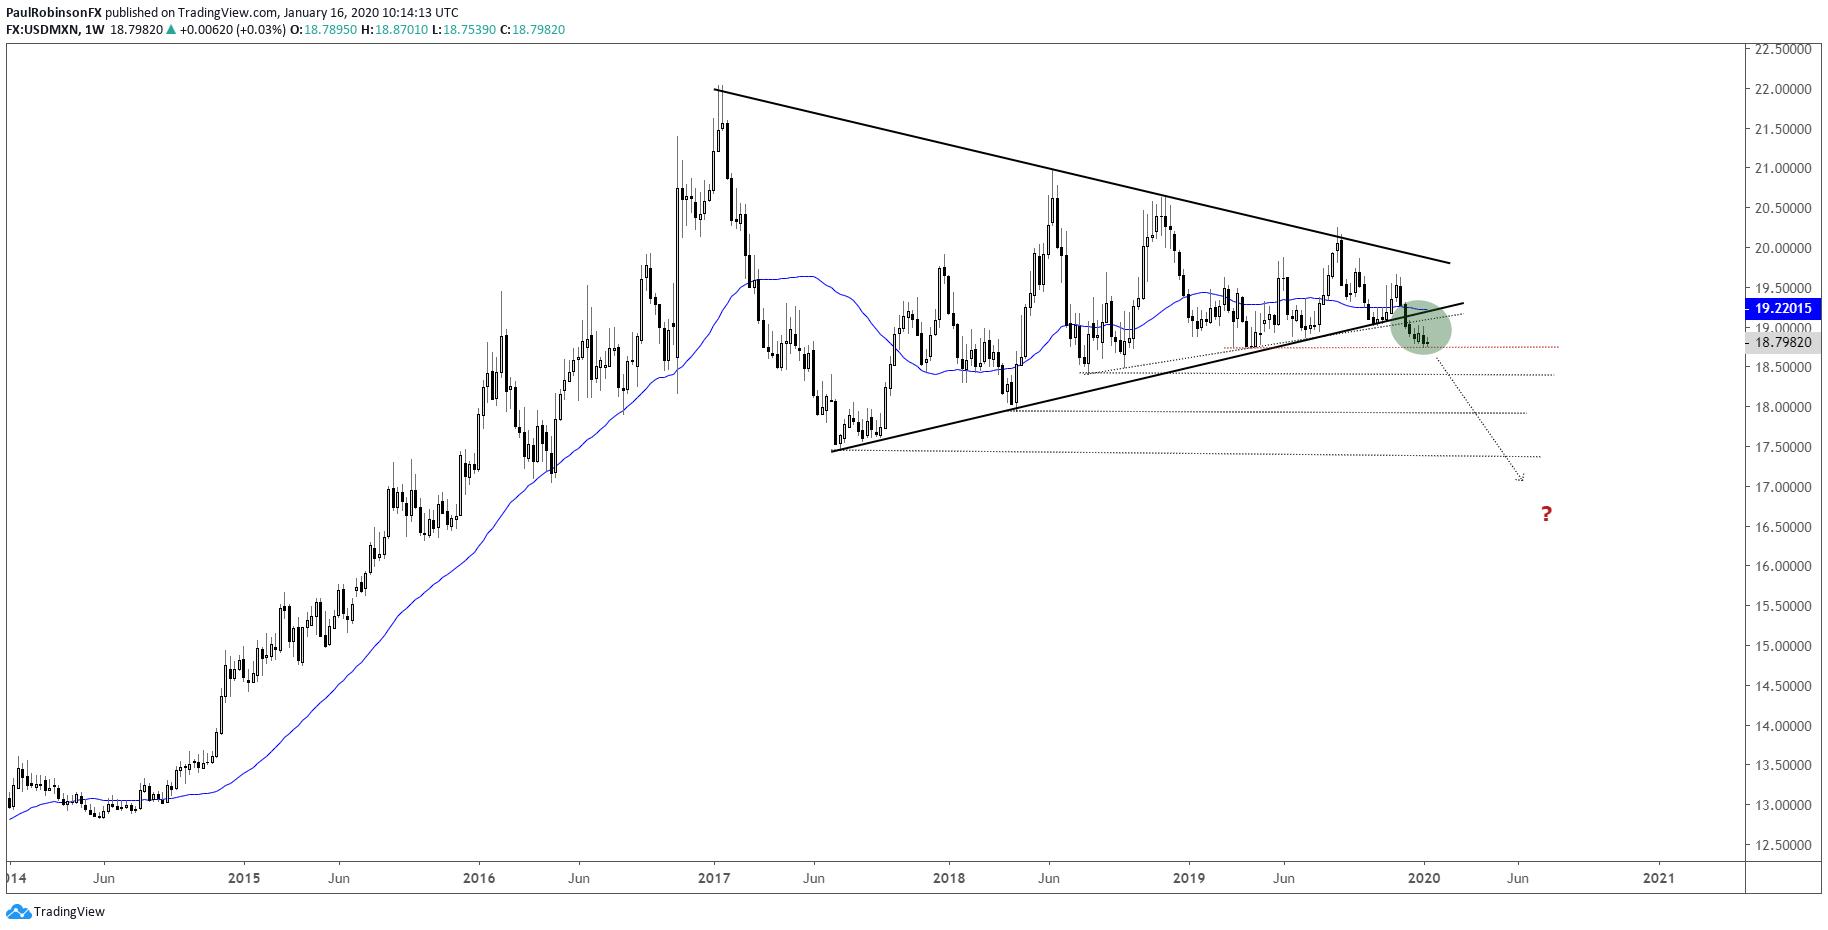 美元/墨西哥比索:跌破长期三角形后却极度平静?大趋势正在酝酿中!